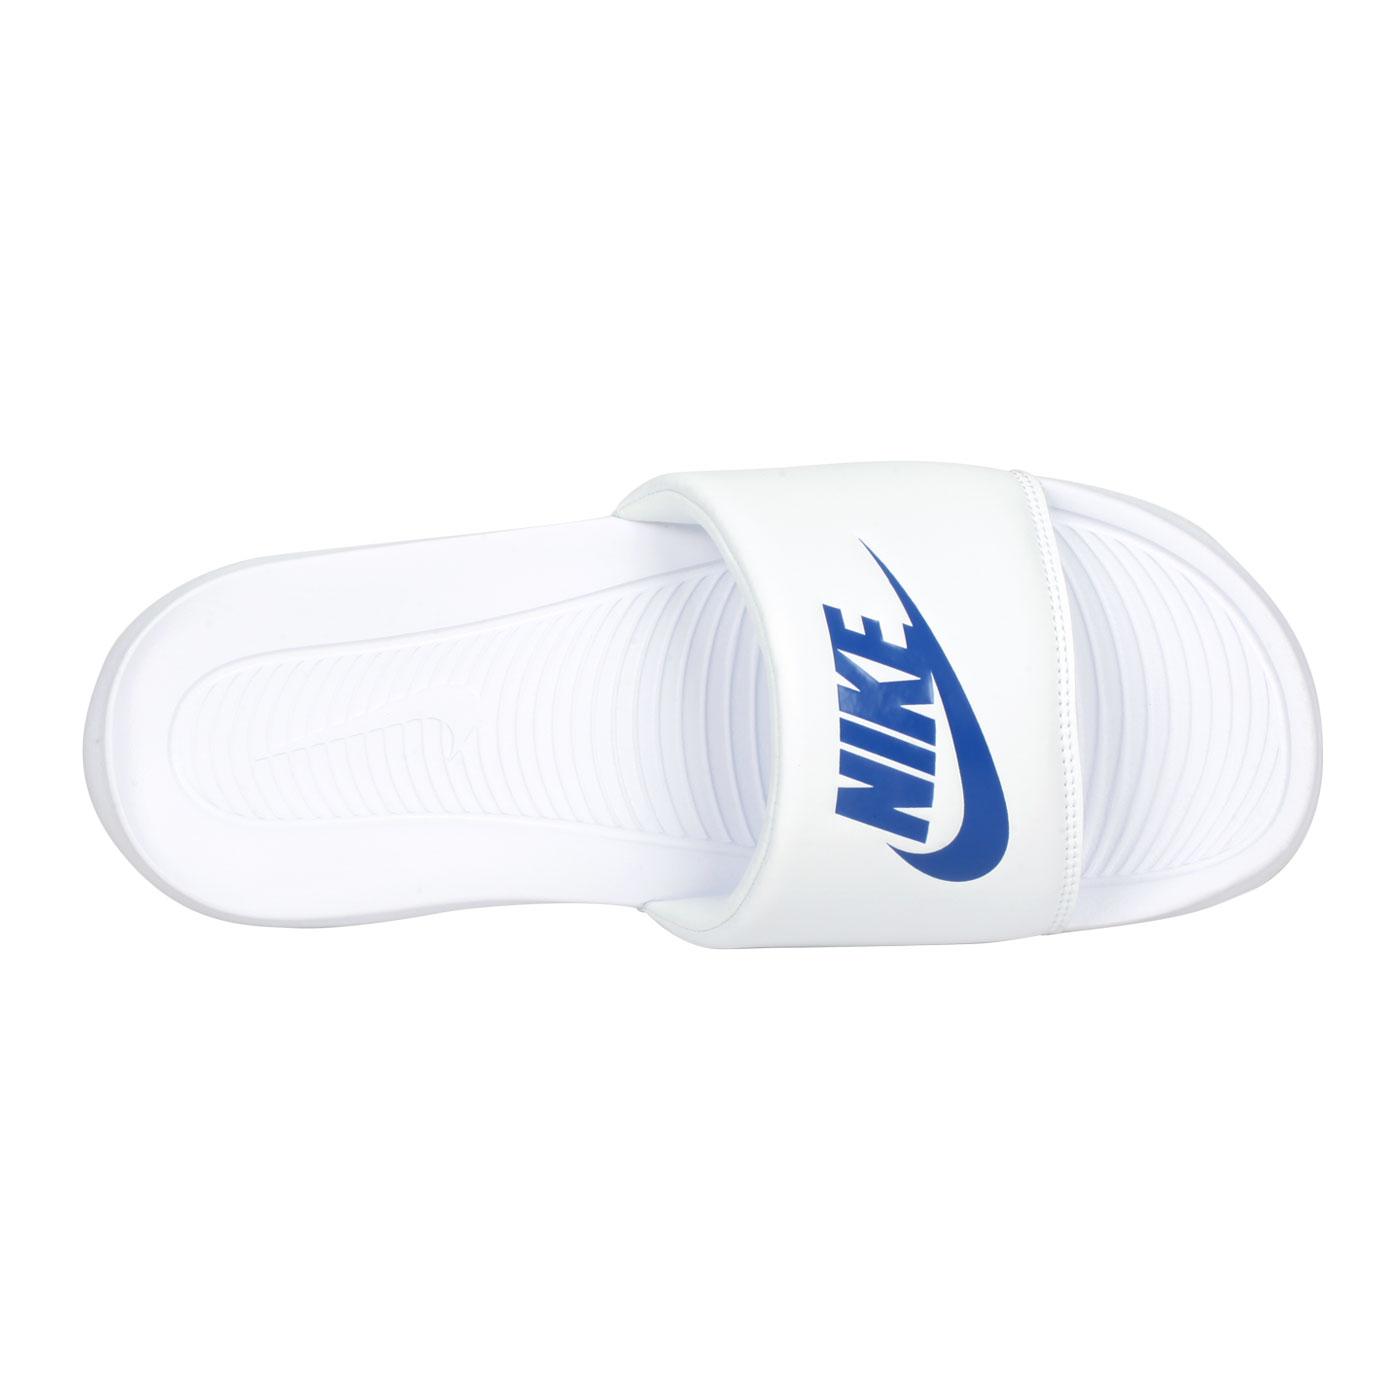 NIKE 運動拖鞋  @ VICTORI ONE SLIDE@CN9675102